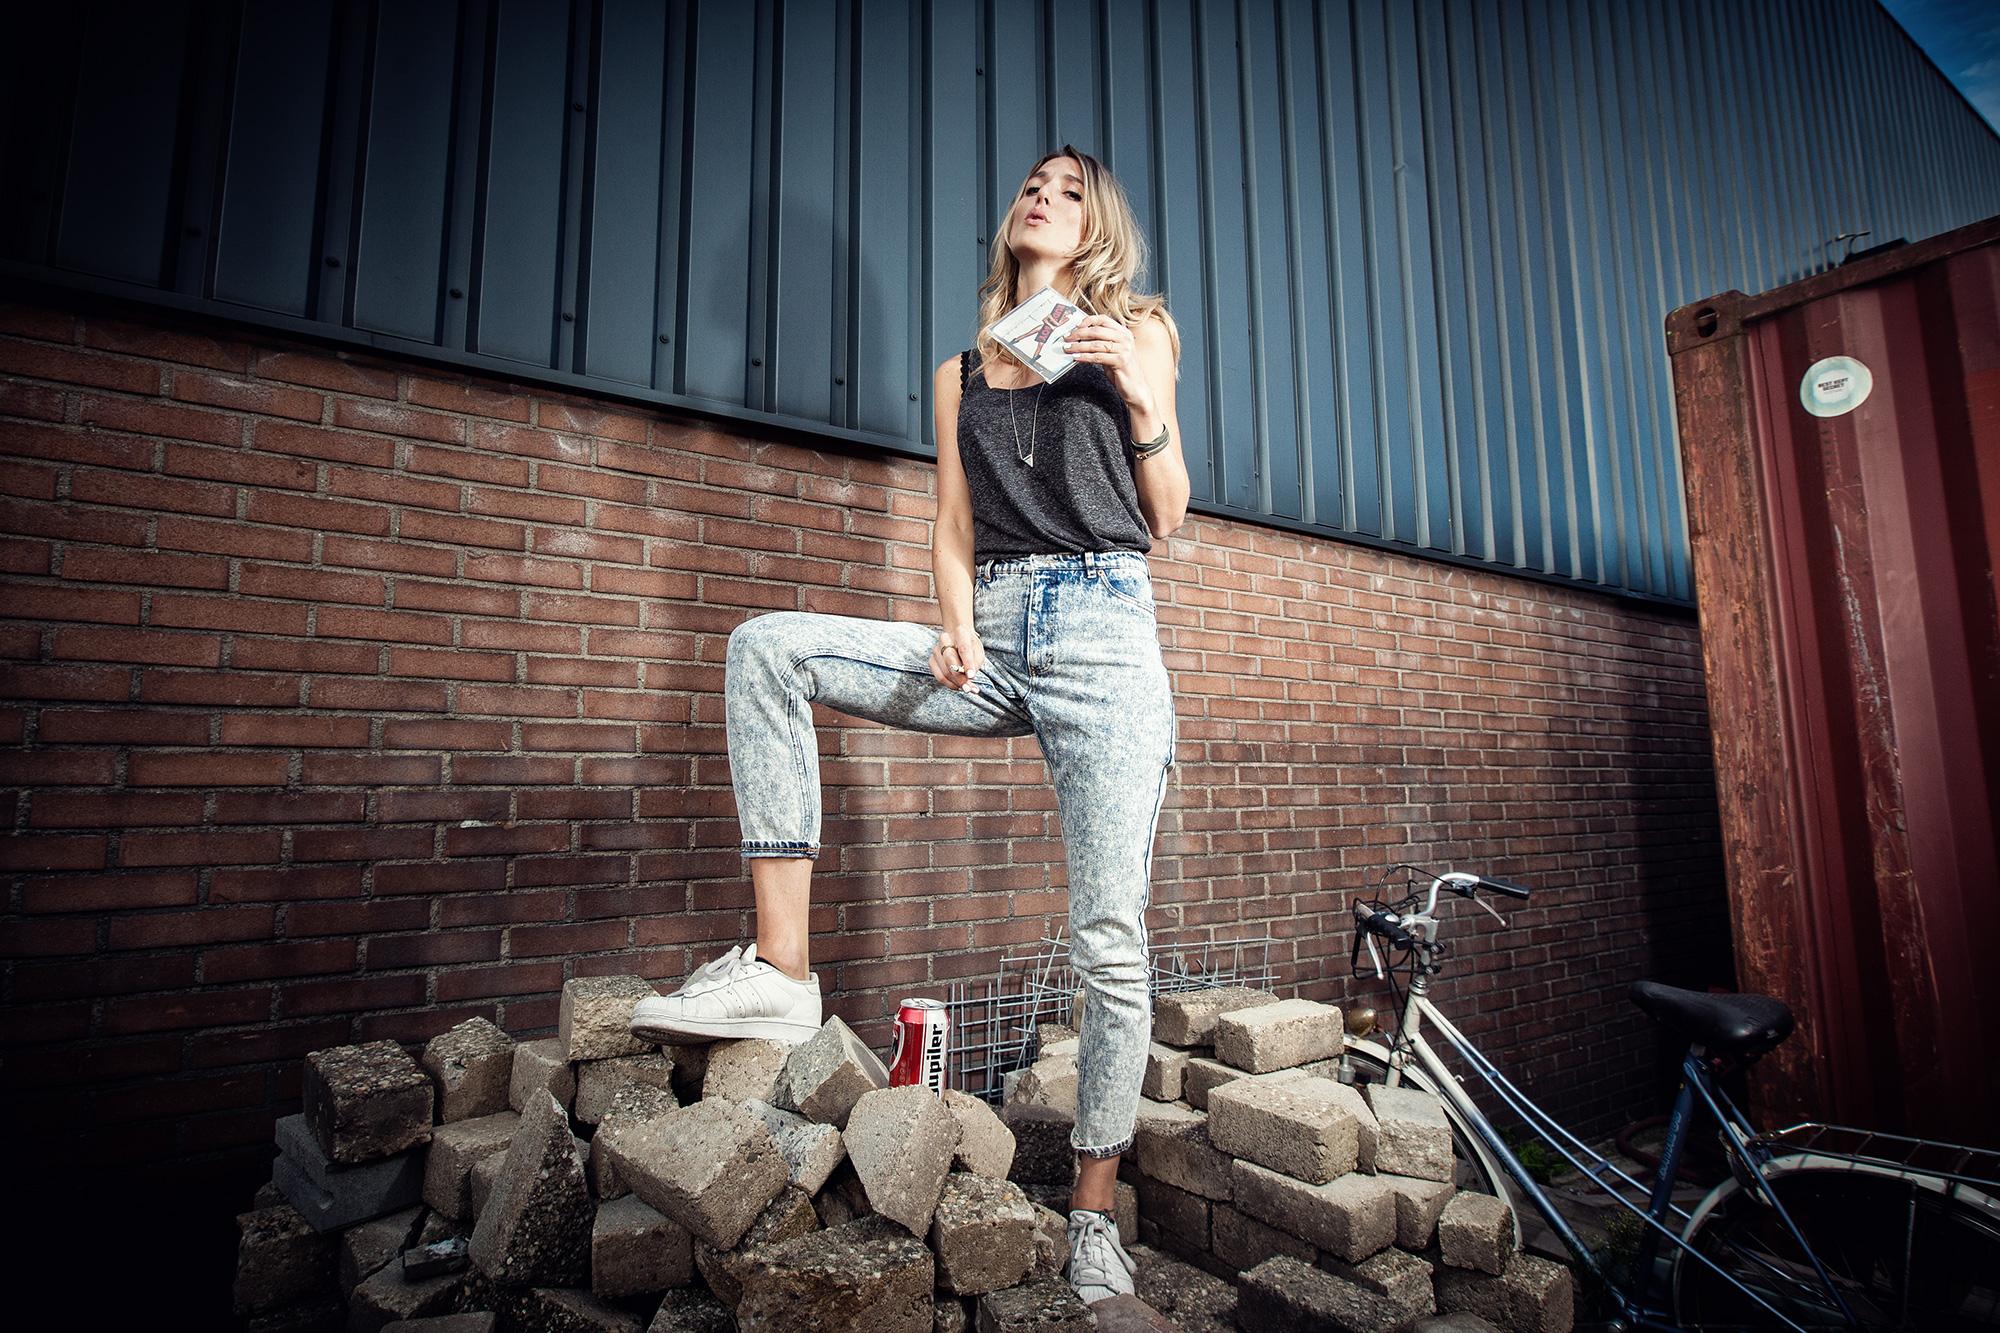 Portretfoto Anne Kroon - team Singlefeestje